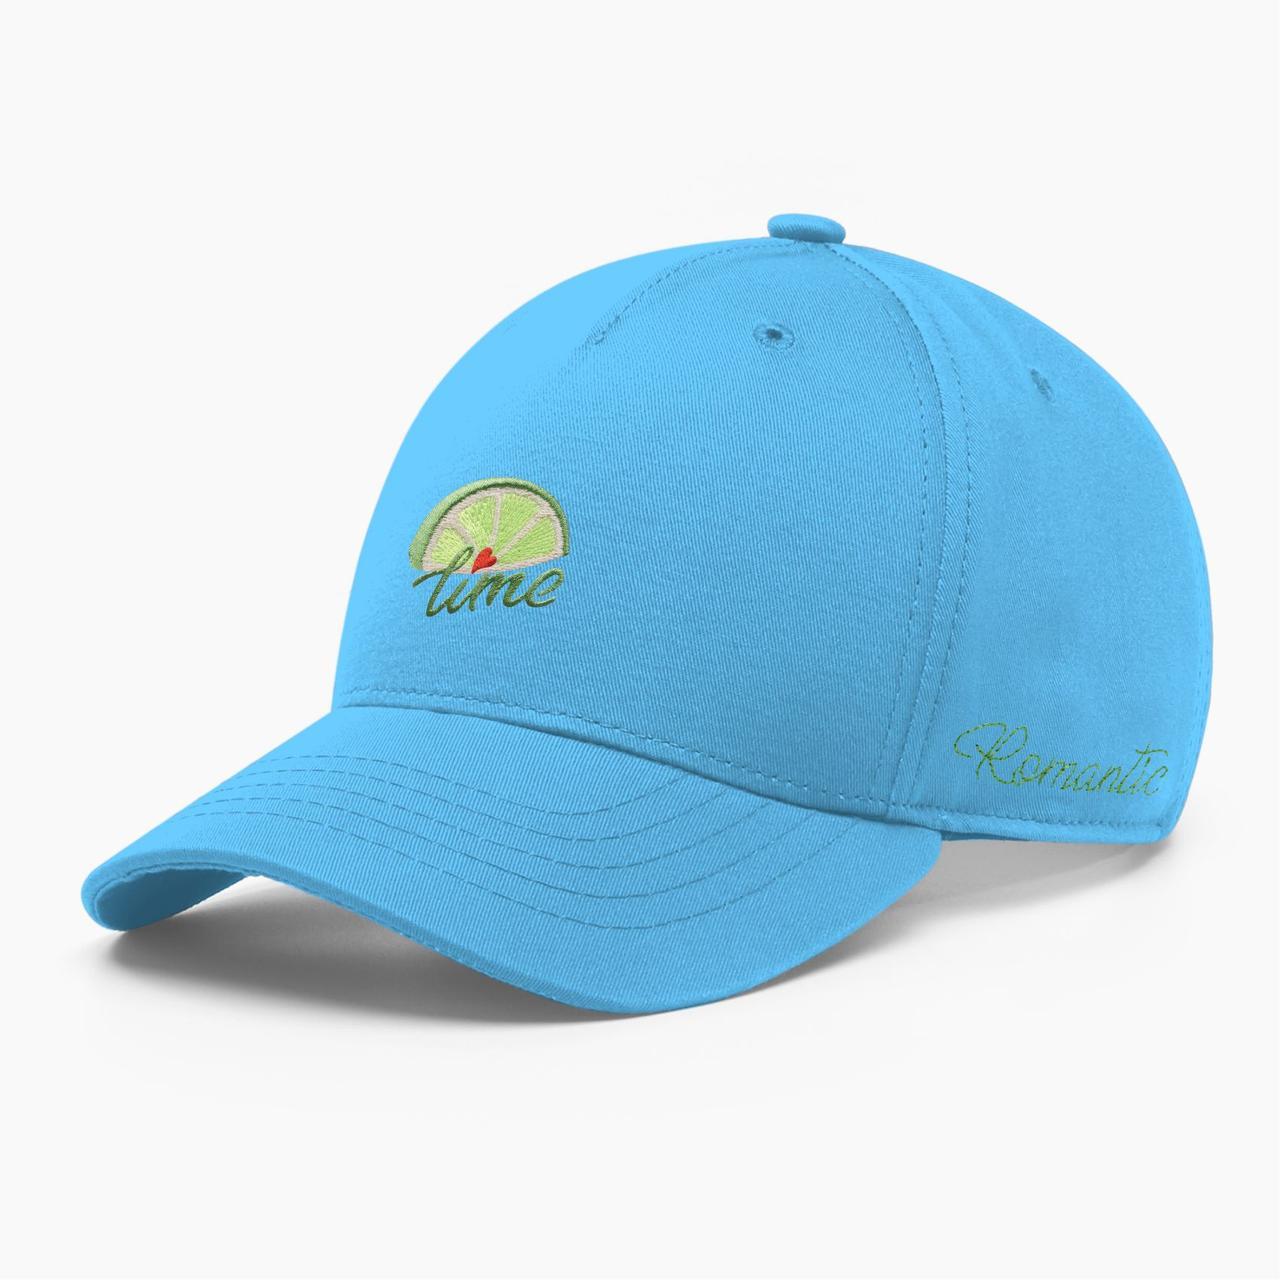 Женская кепка бейсболка INAL лайм S / 53-54 RU Голубой 285753